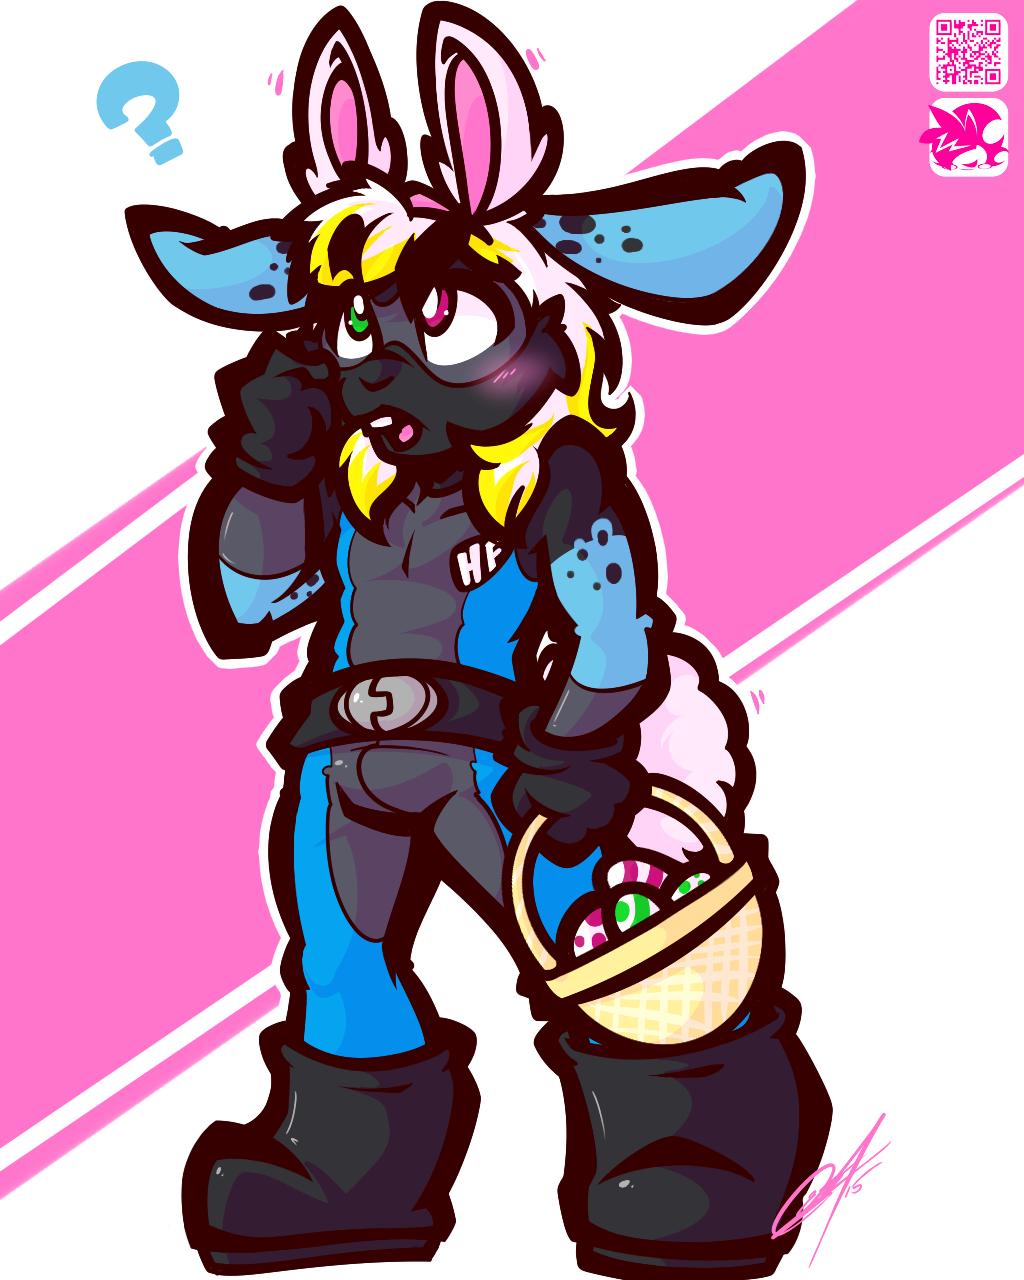 Hey wait, i'm already a bunny